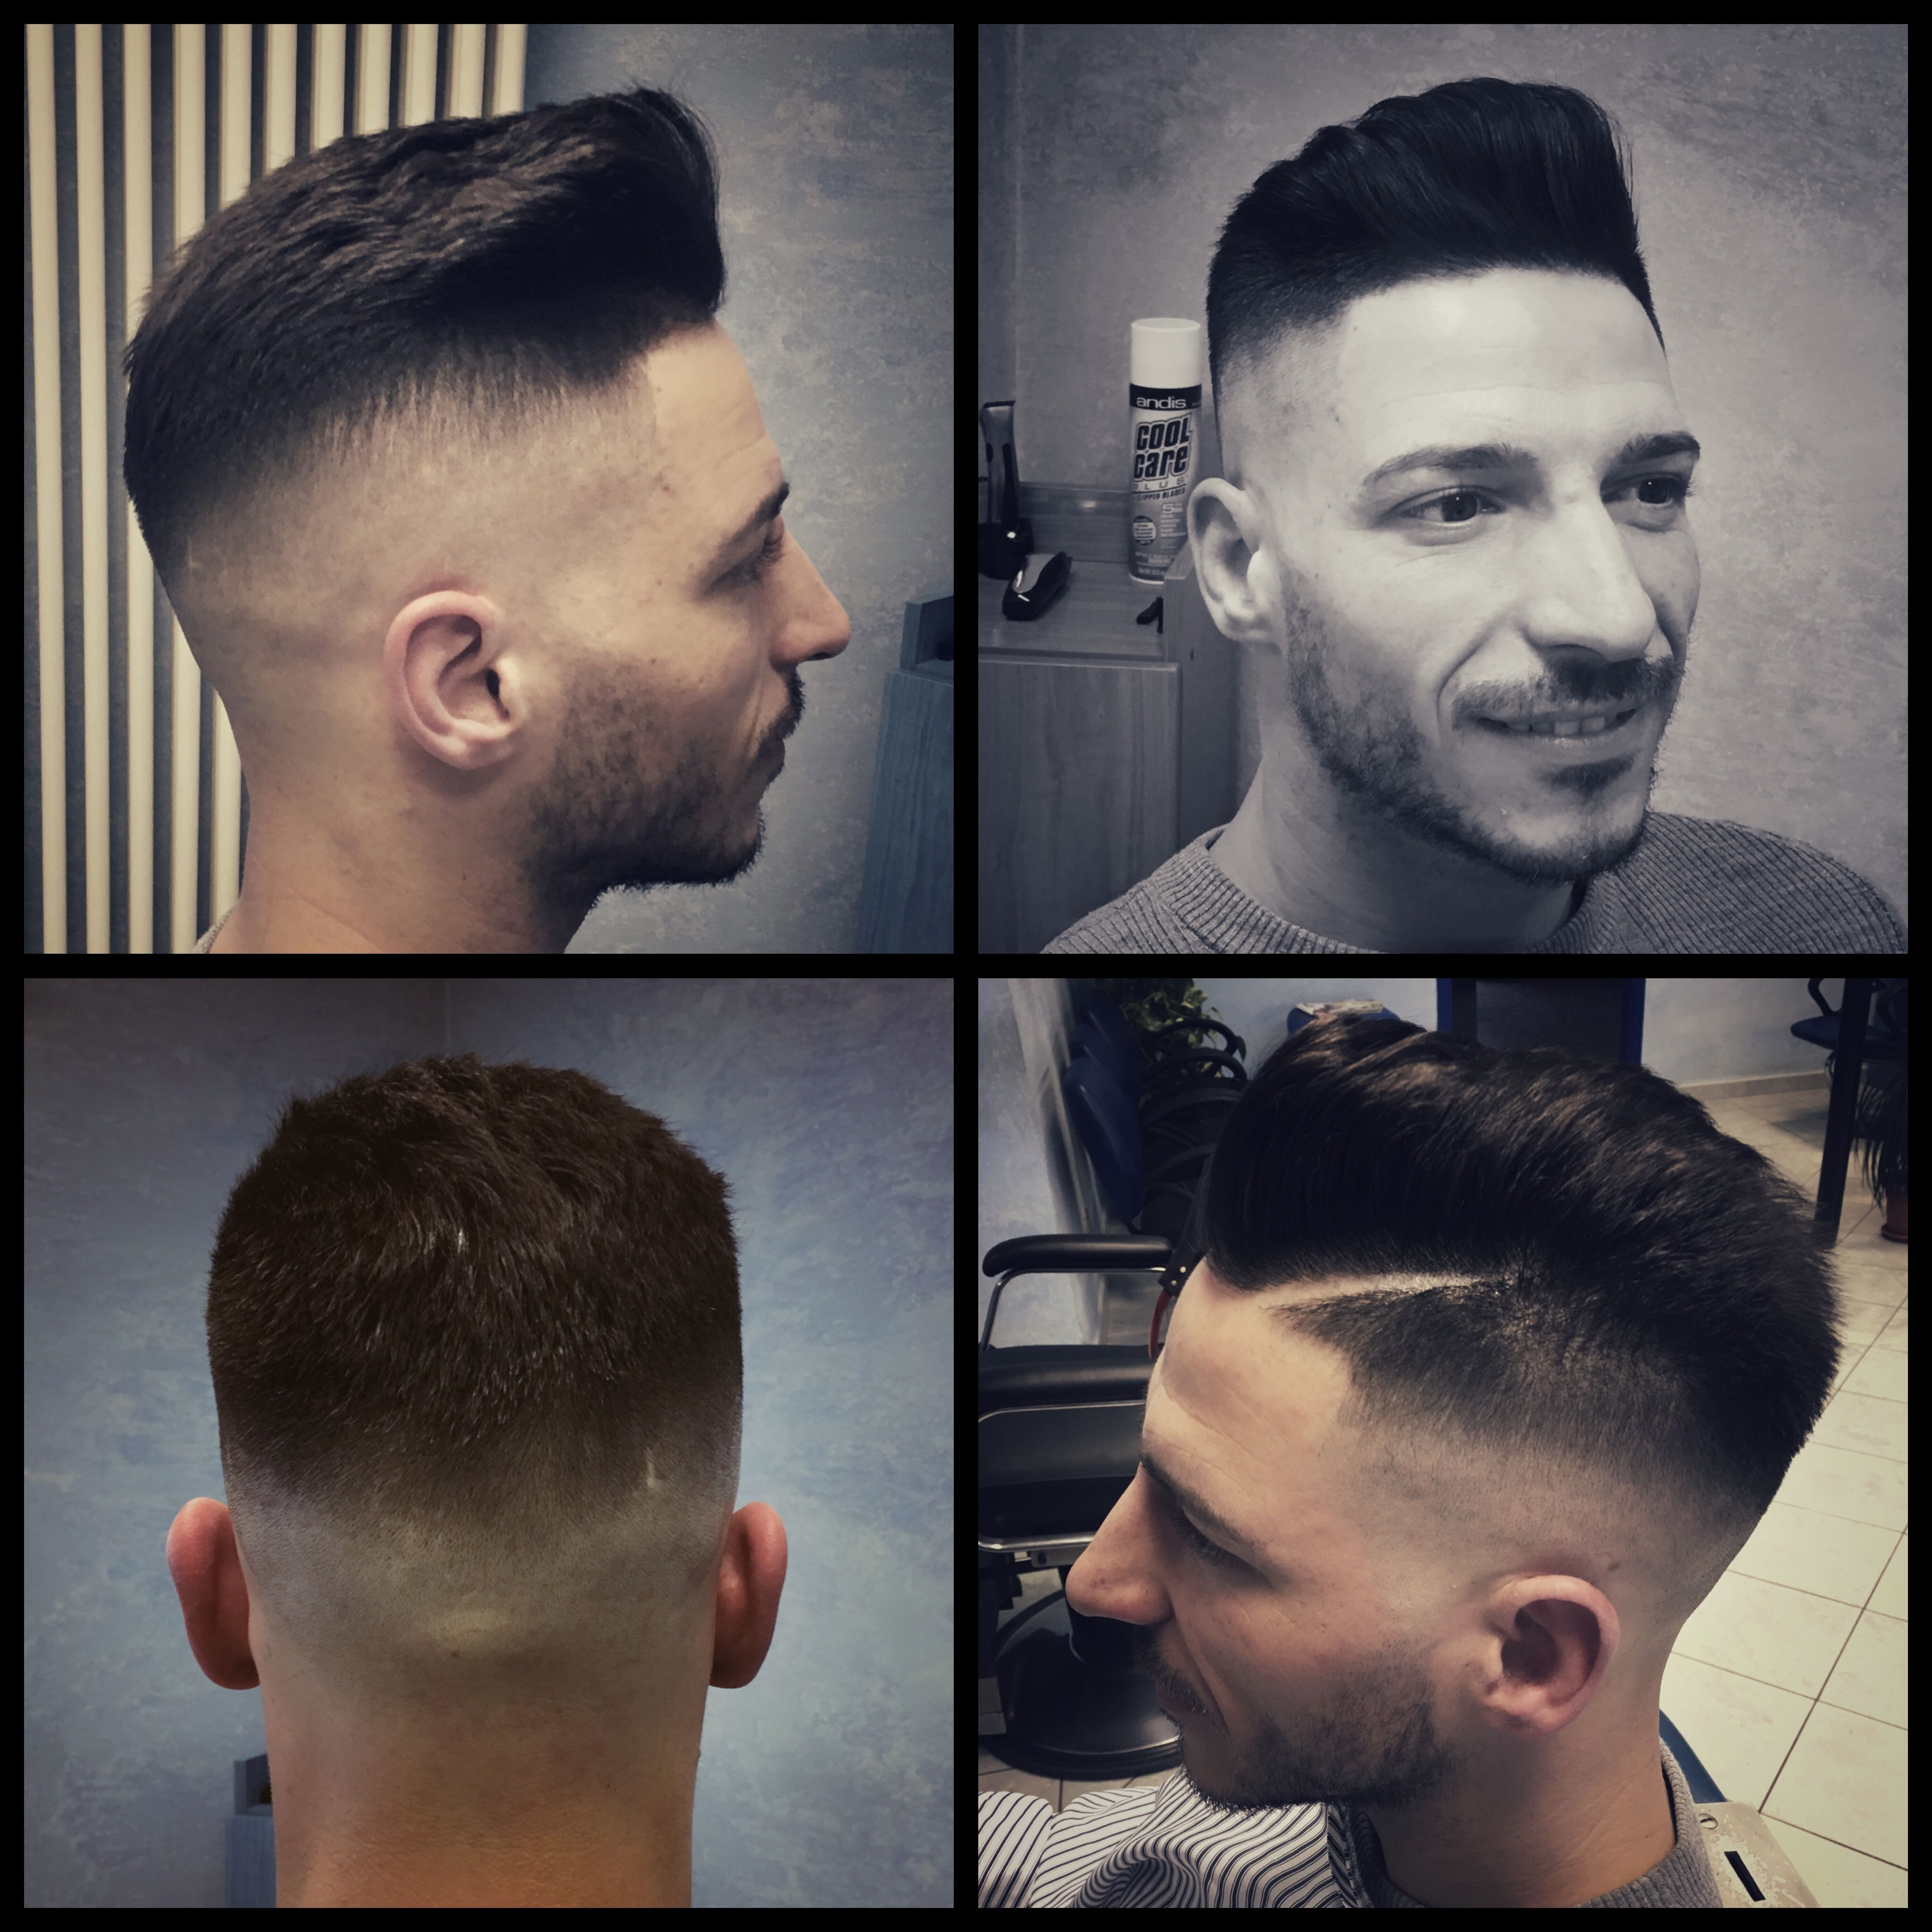 Pin by annieclaude bouchard on barber hair cut pinterest hair cuts